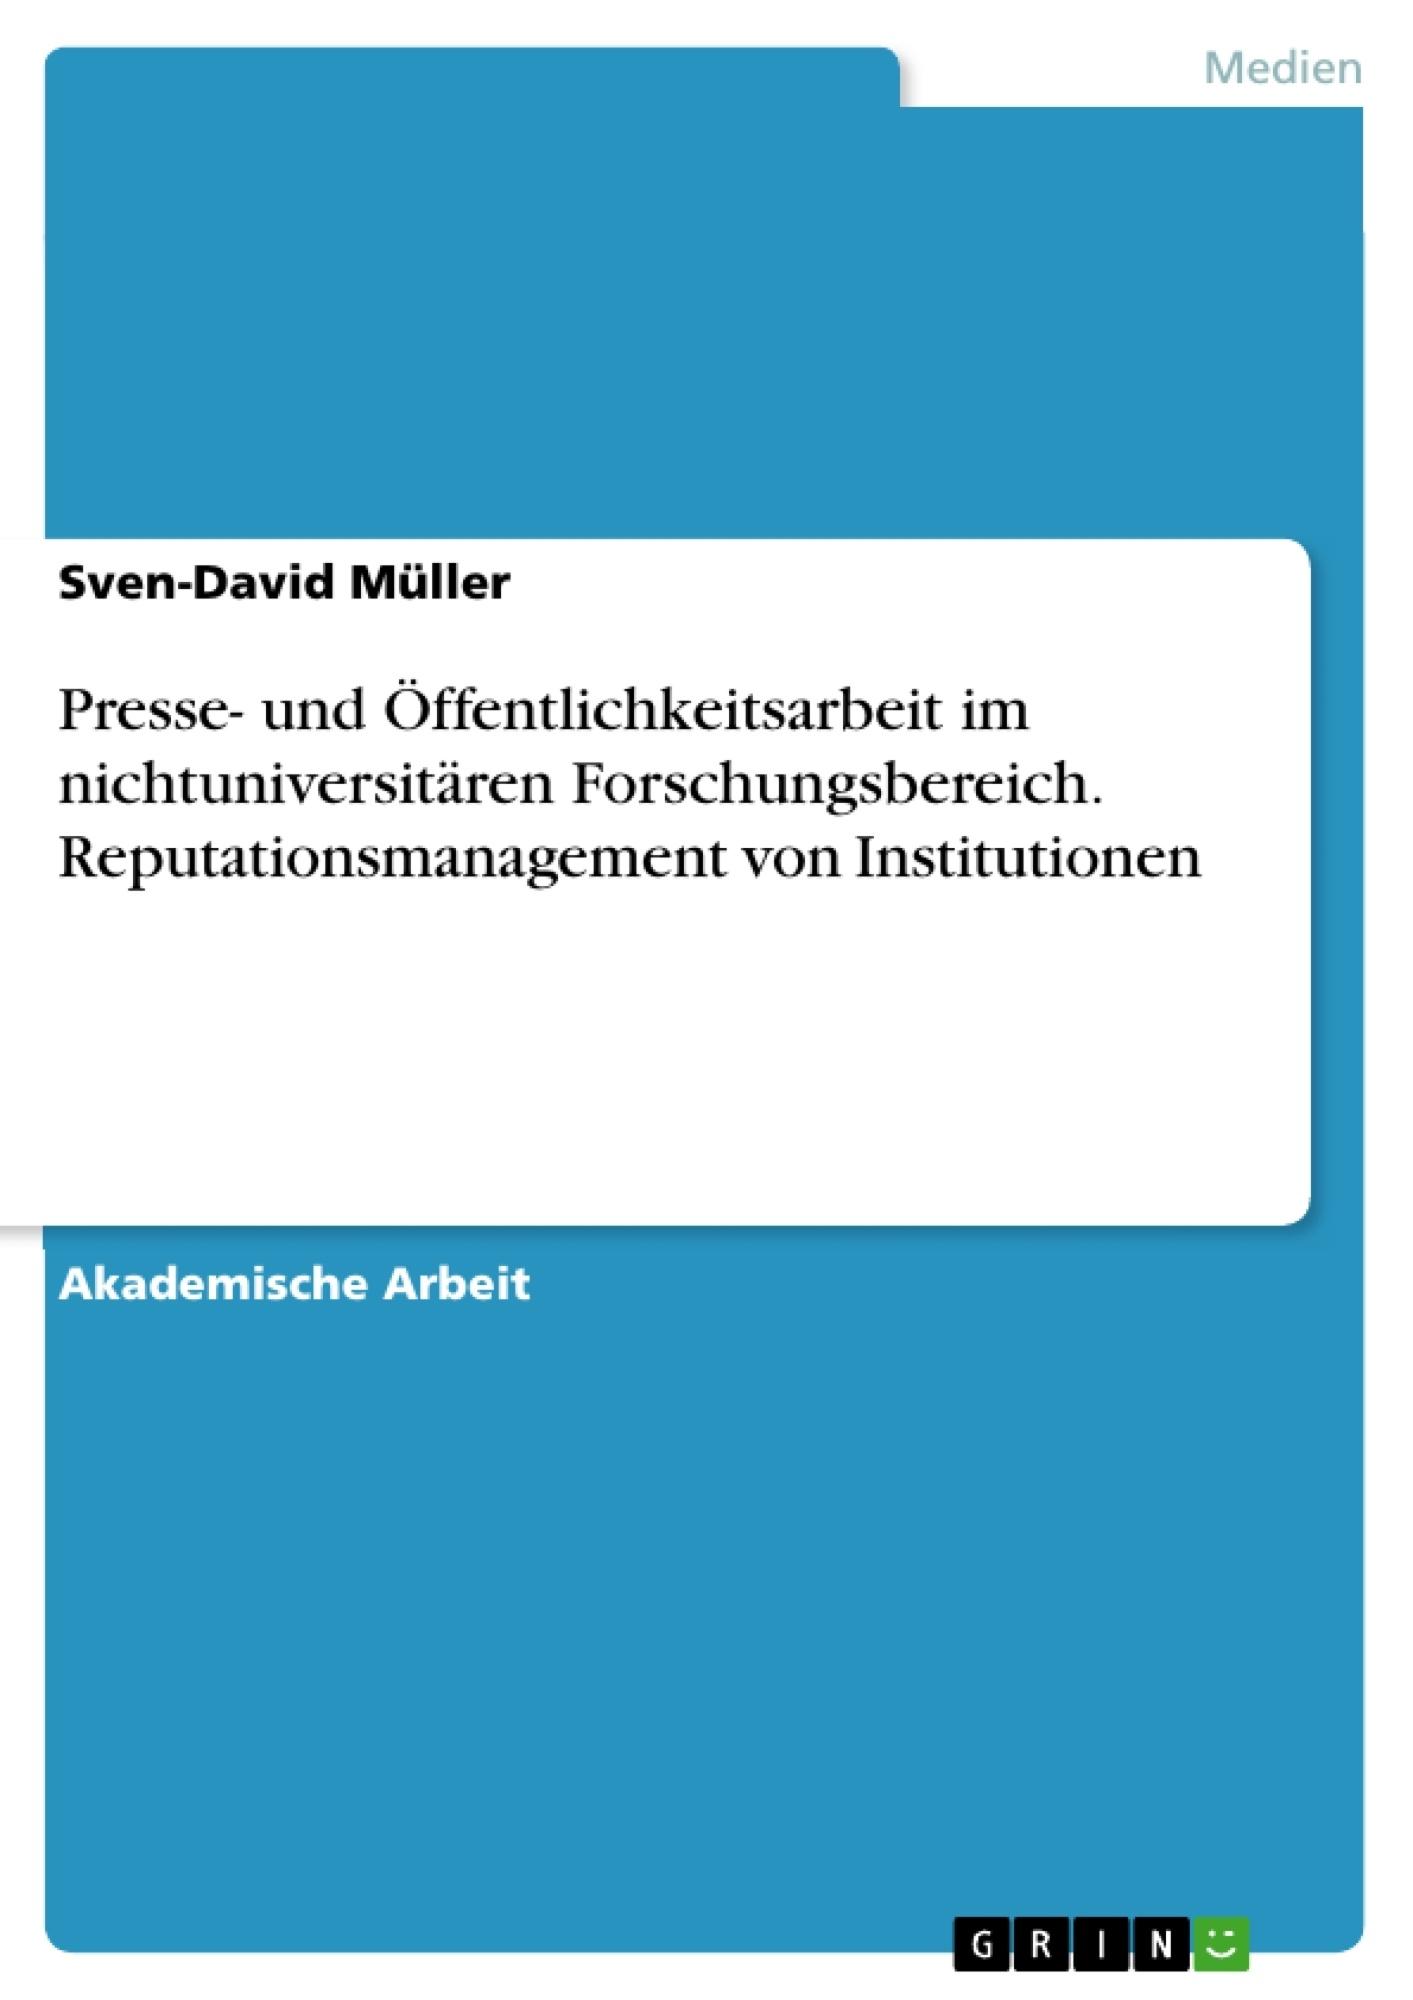 Titel: Presse- und Öffentlichkeitsarbeit im nichtuniversitären Forschungsbereich. Reputationsmanagement von Institutionen